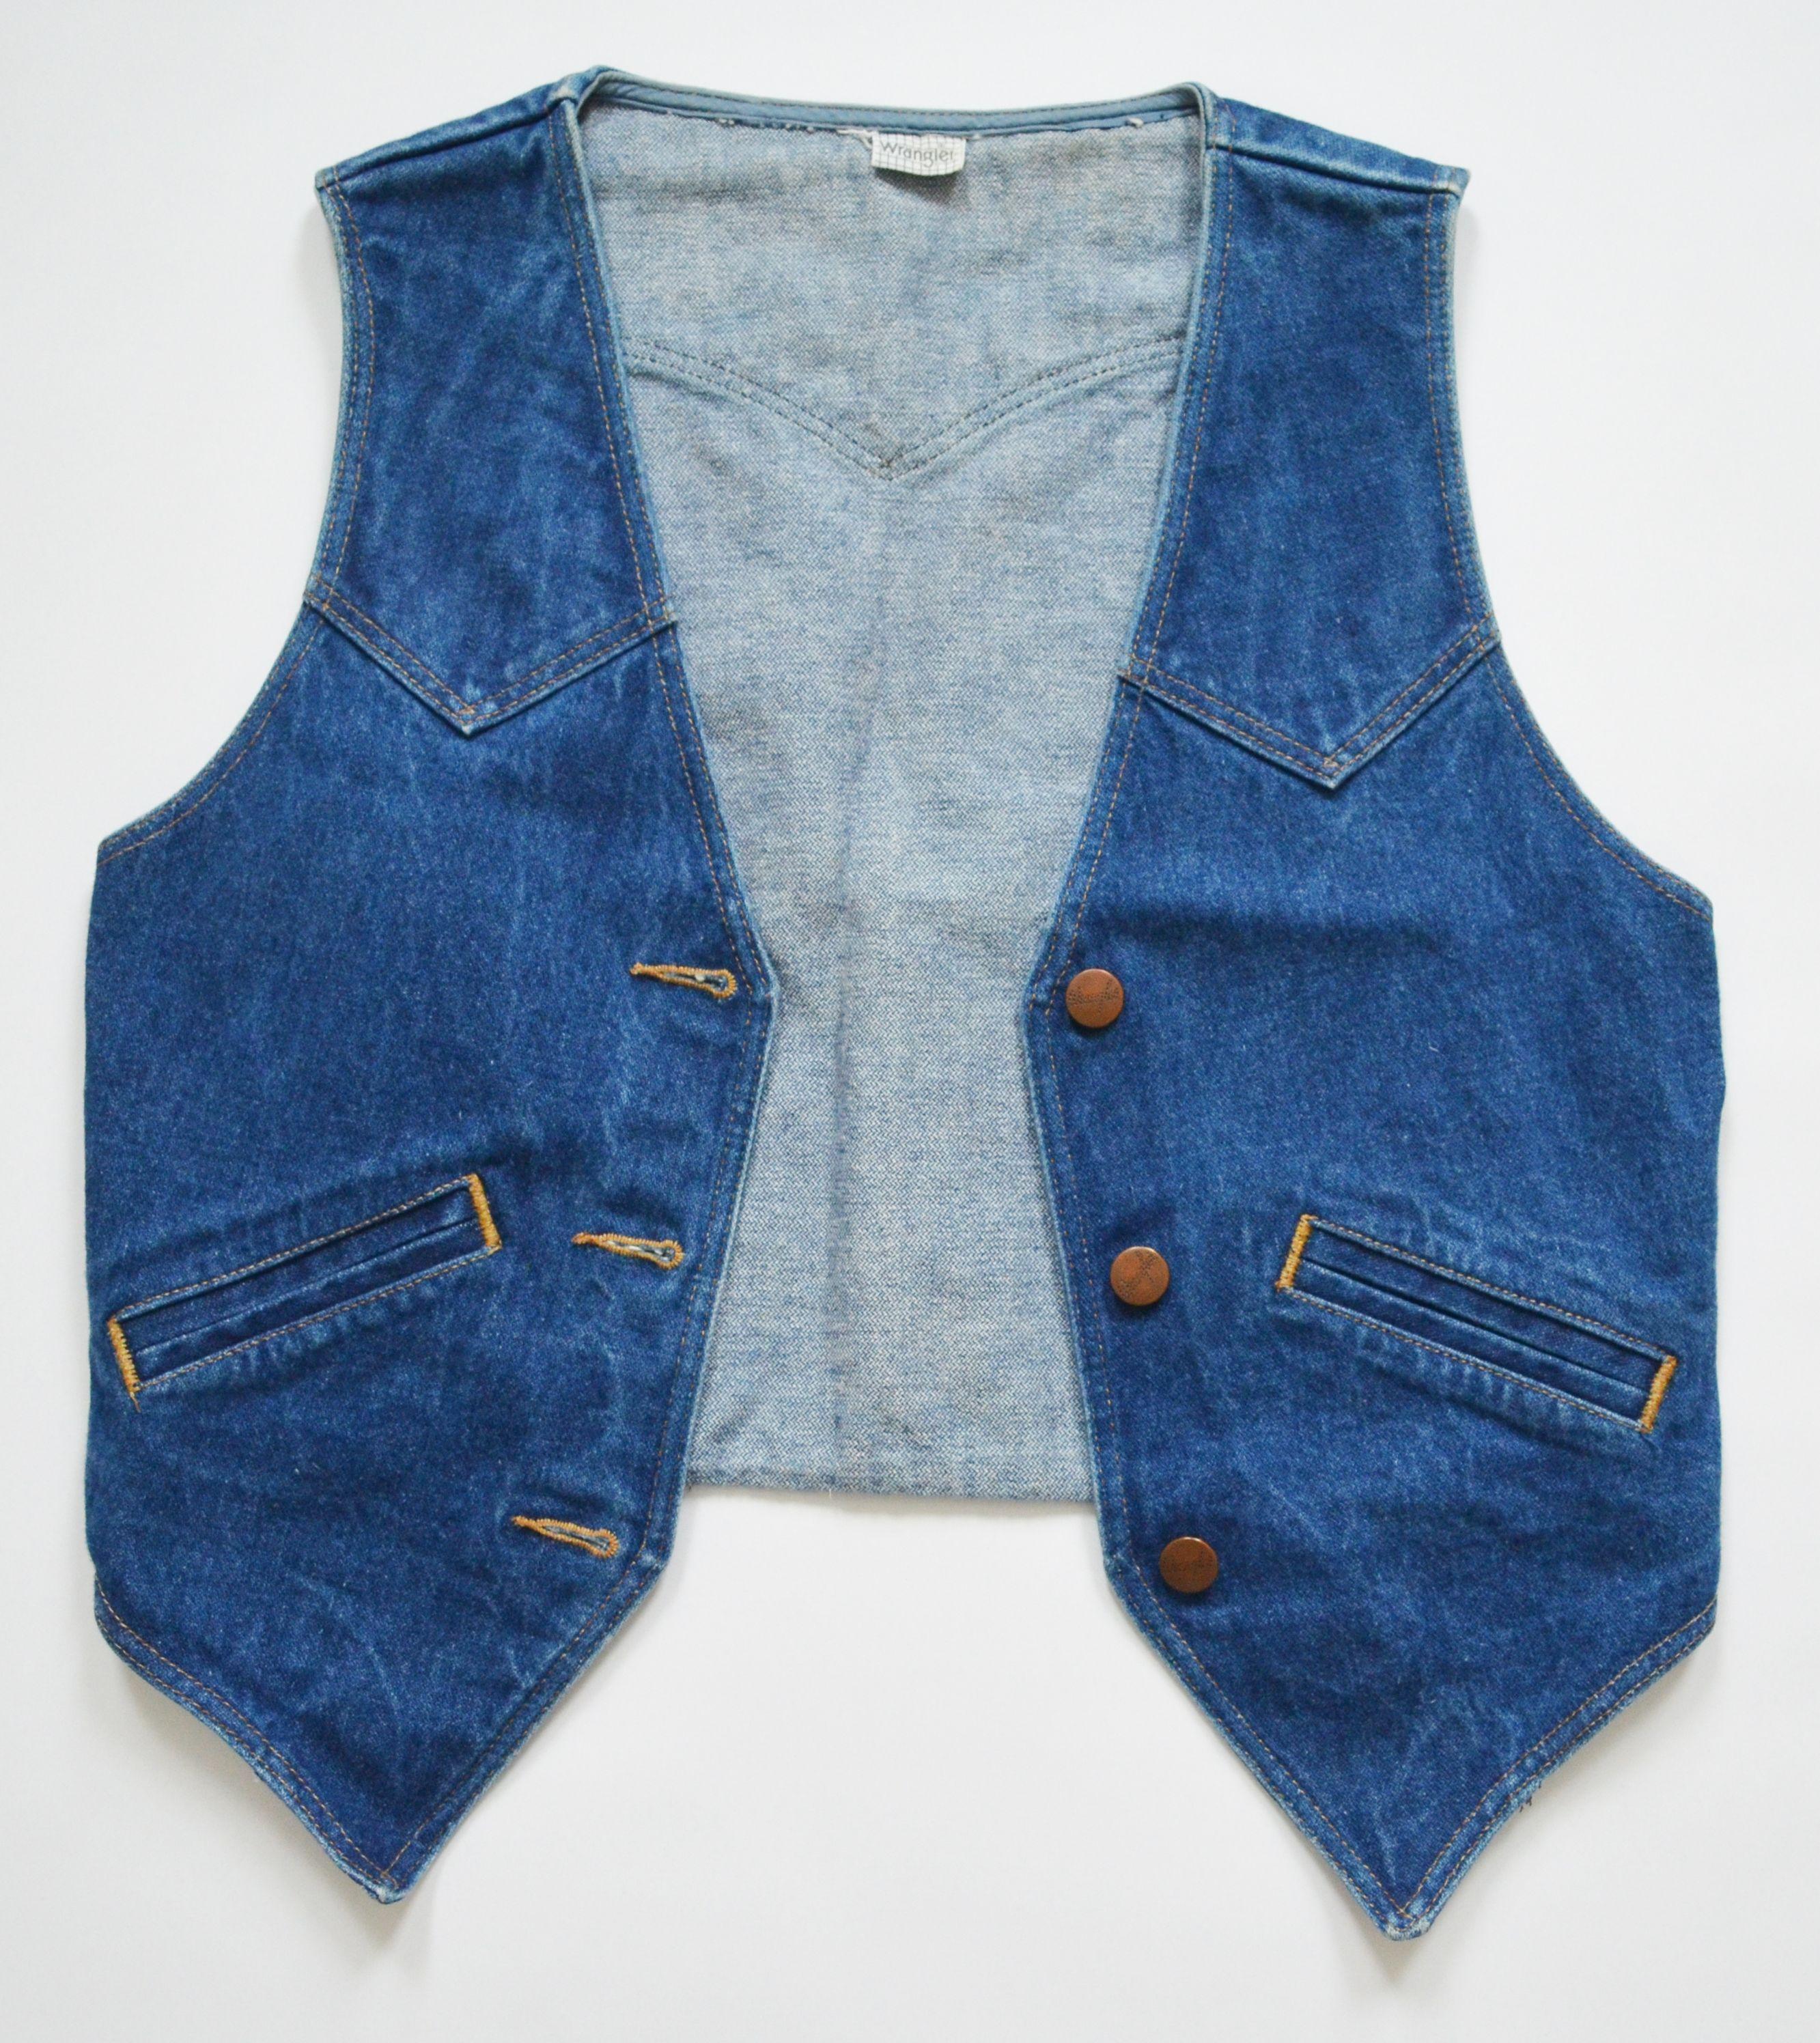 f3f493ef18d Vintage Wrangler Denim Shirt For Sale - BCD Tofu House